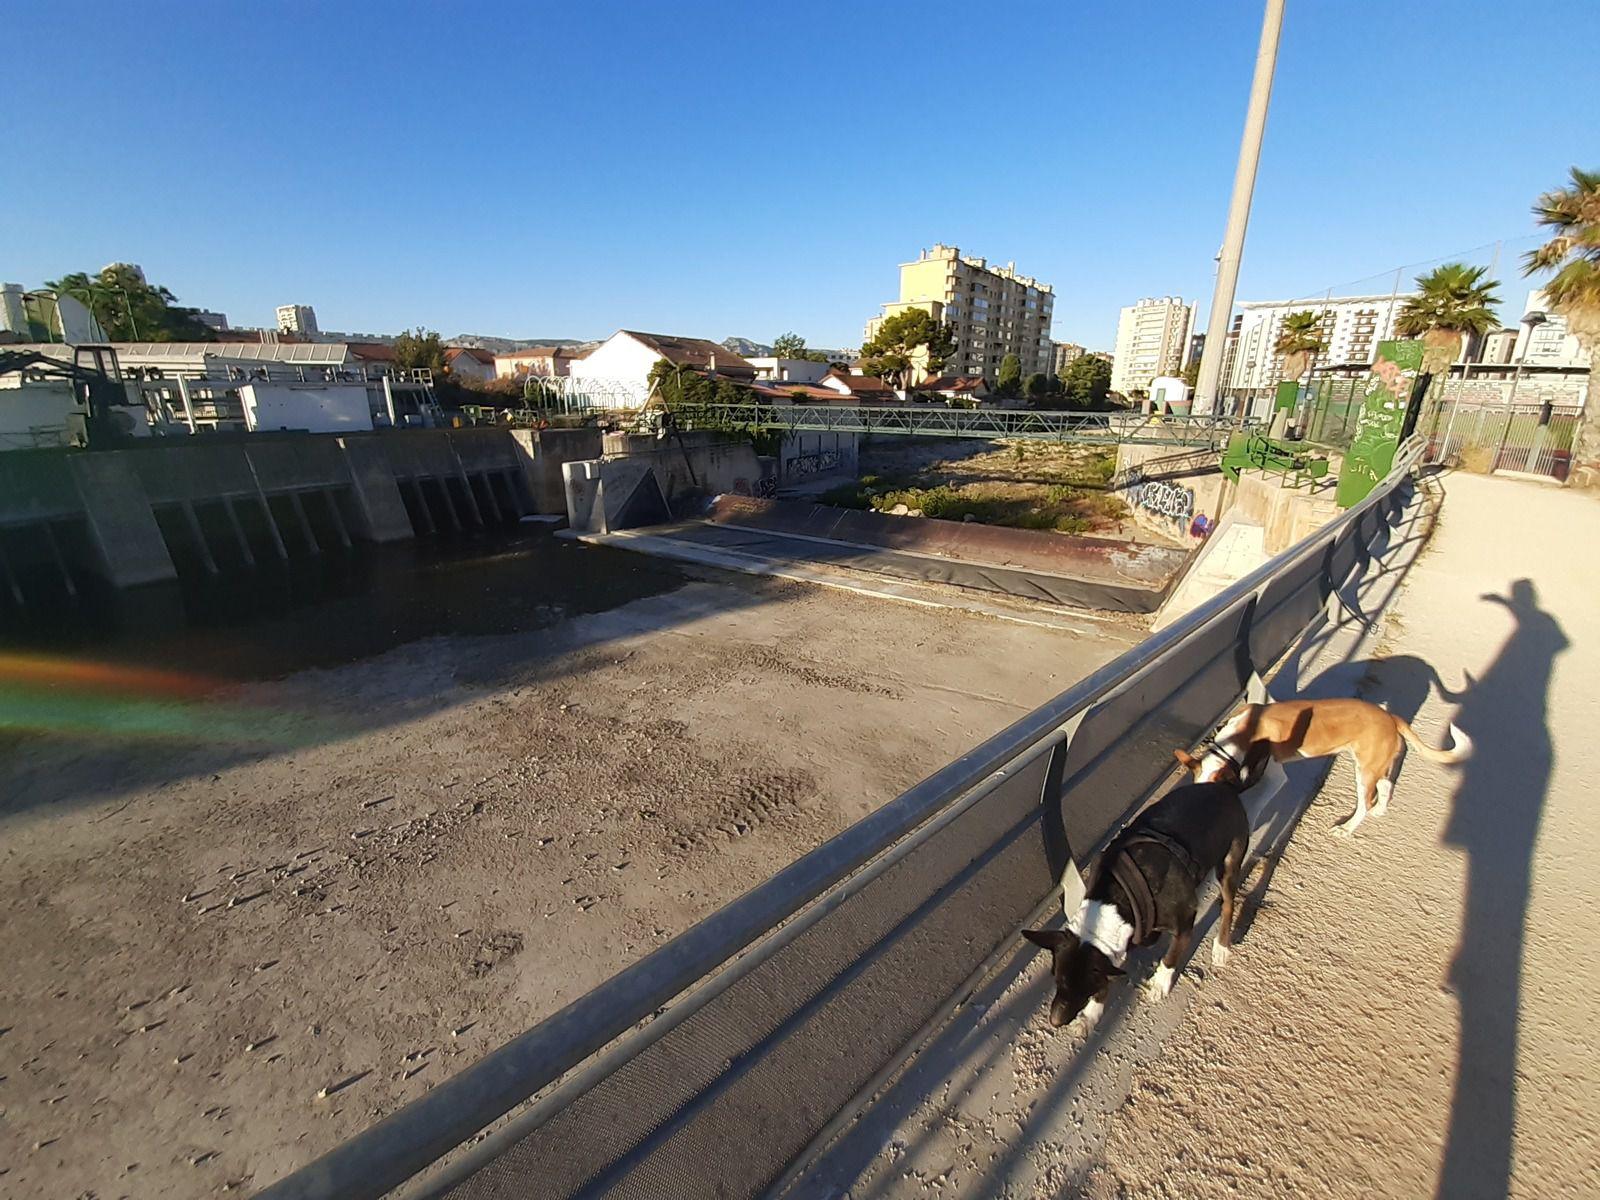 La station d'épuration et son barrage mobile (baissé ce jour-là)